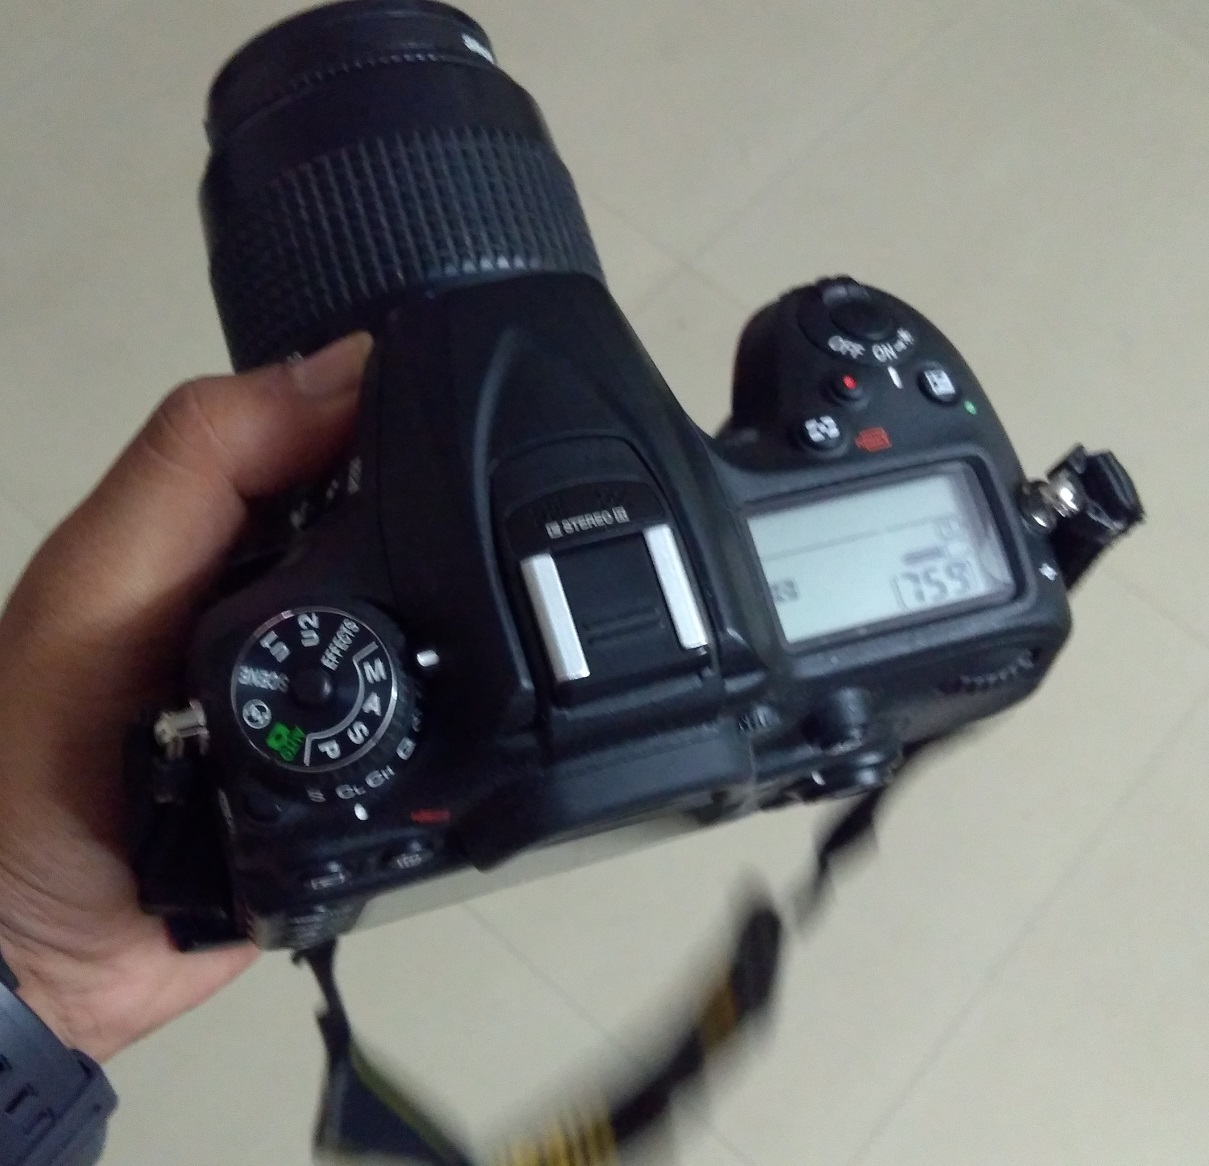 using manual for long exposure